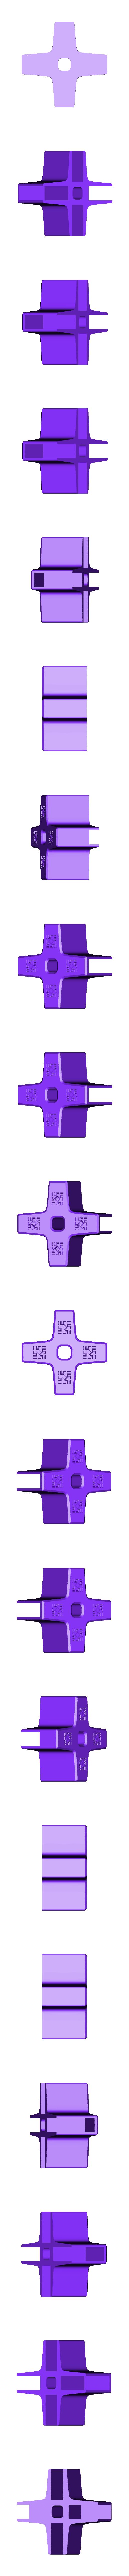 Shelv___X__.stl Télécharger fichier STL gratuit Zavr - Système d'étagères modulaires pour les filles courageuses • Objet pour impression 3D, shumeyko